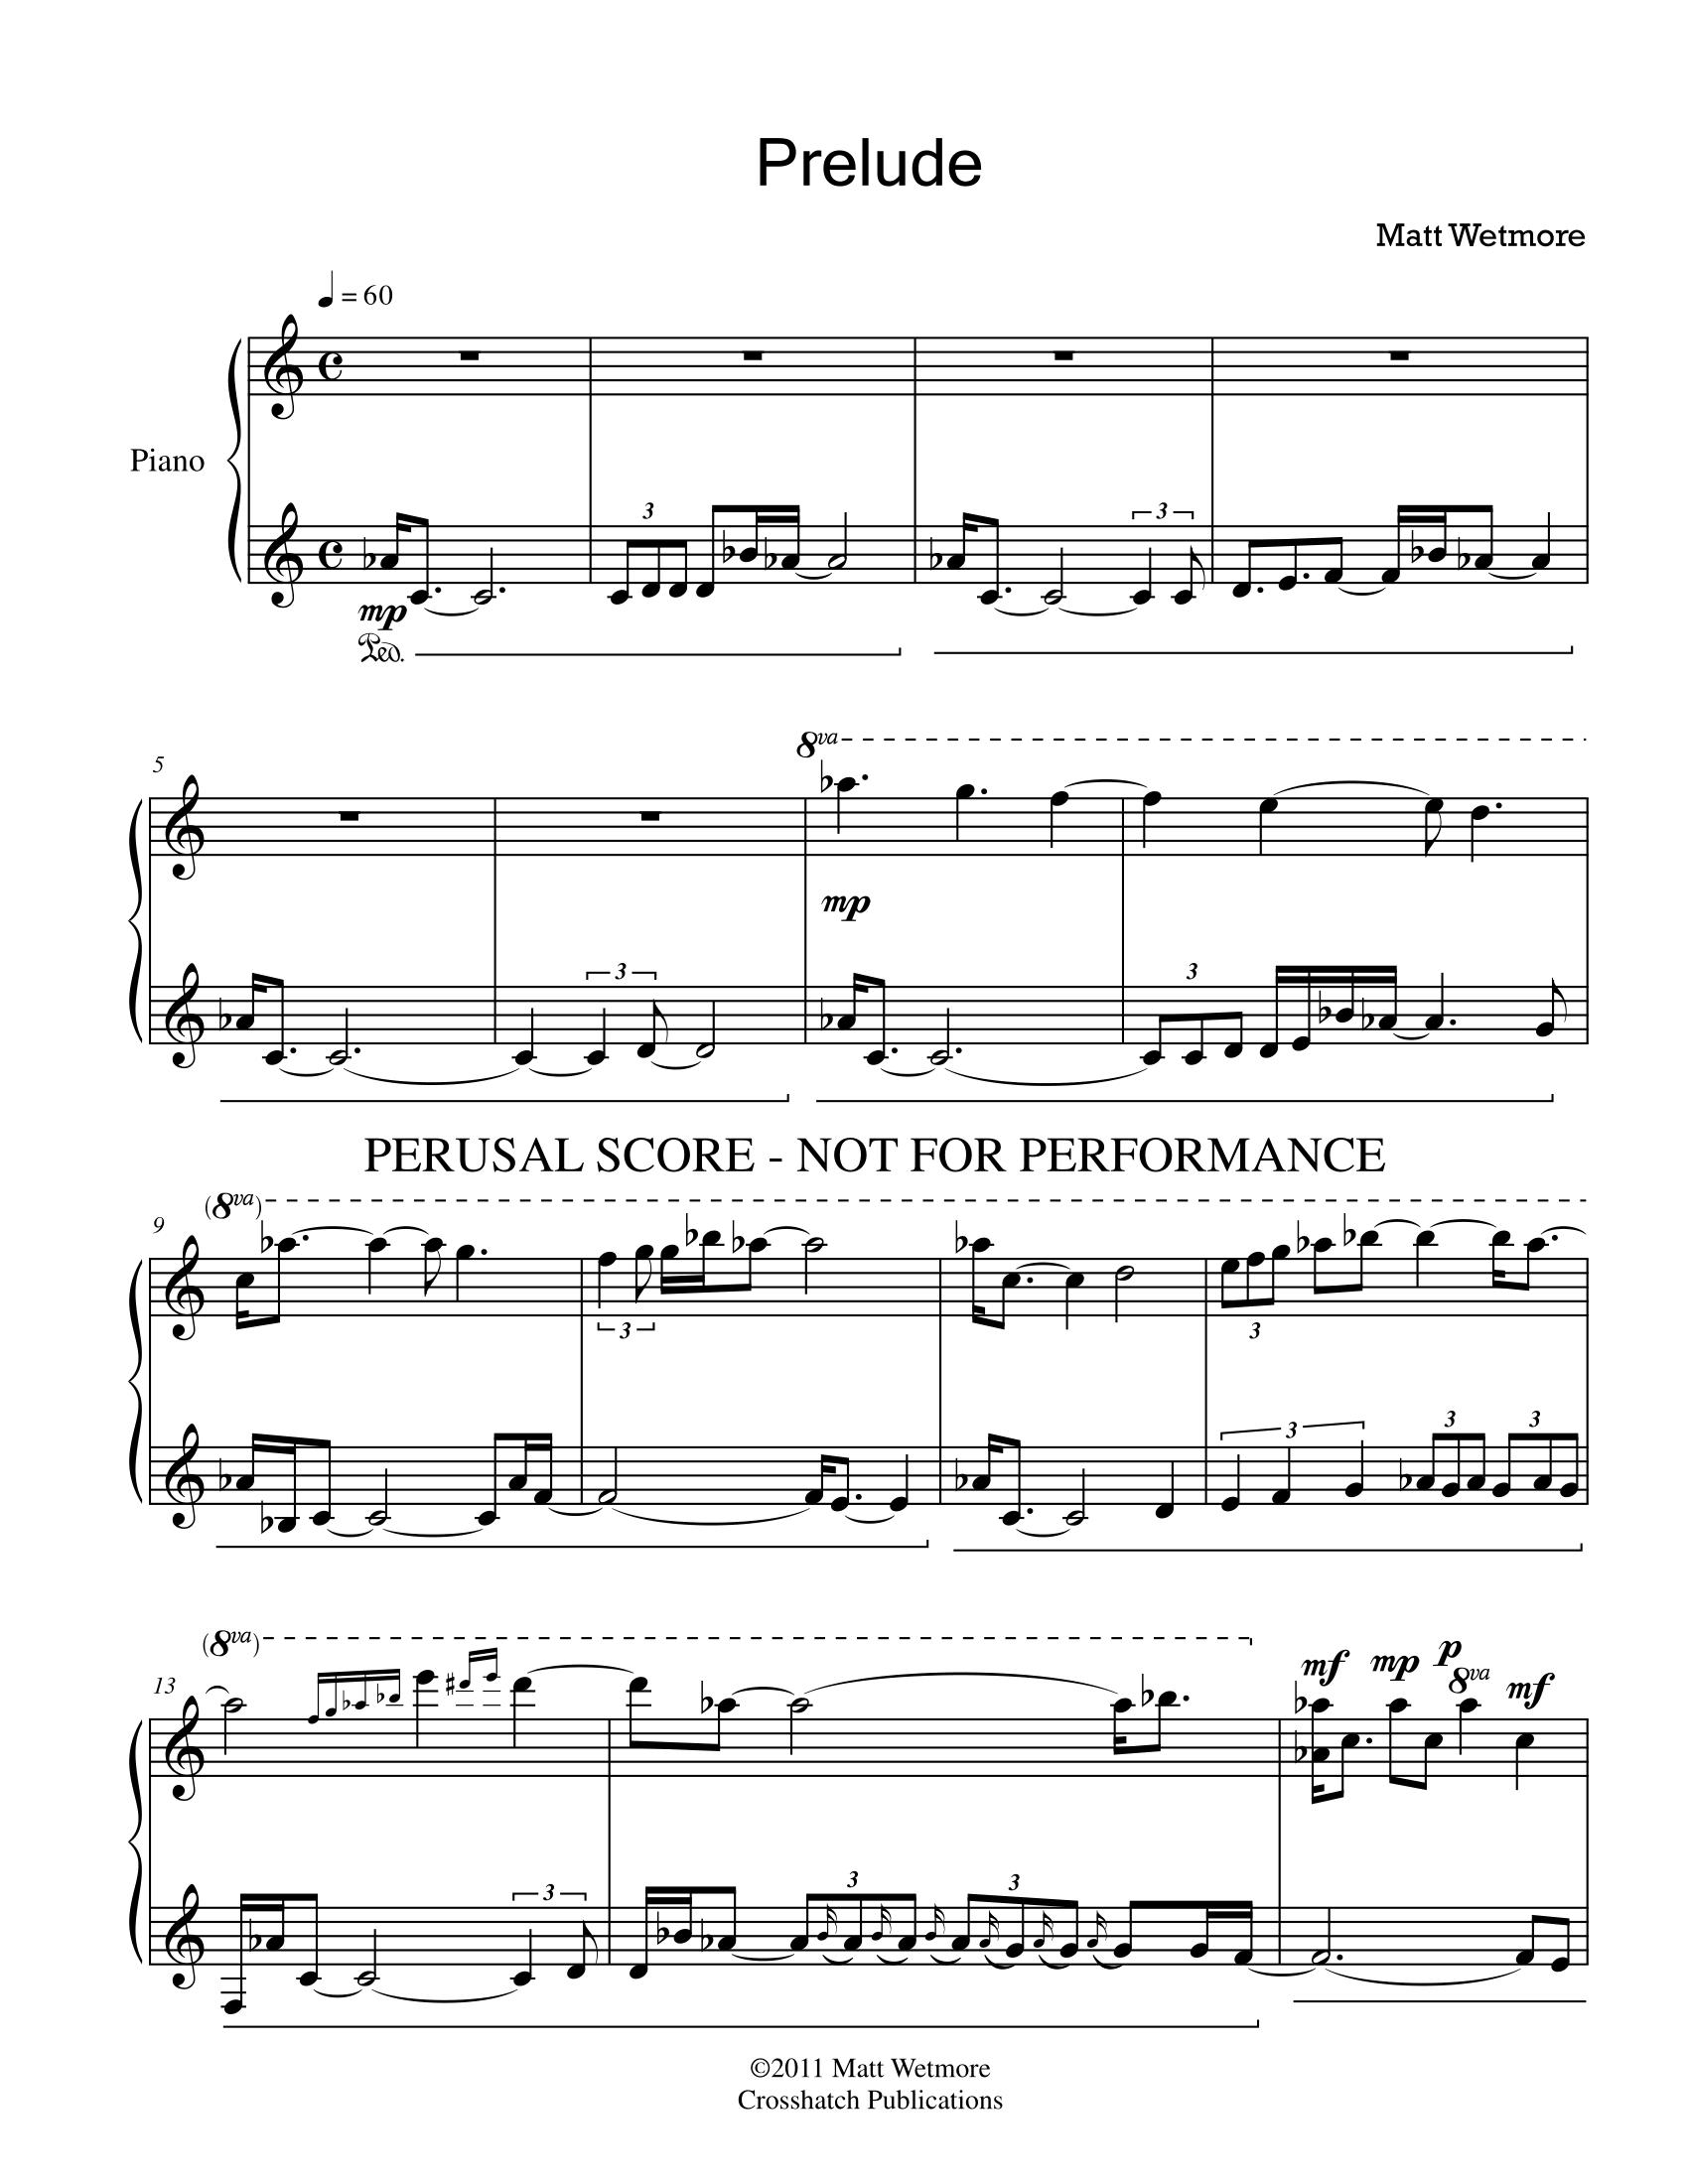 Prelude Perusal-3.png